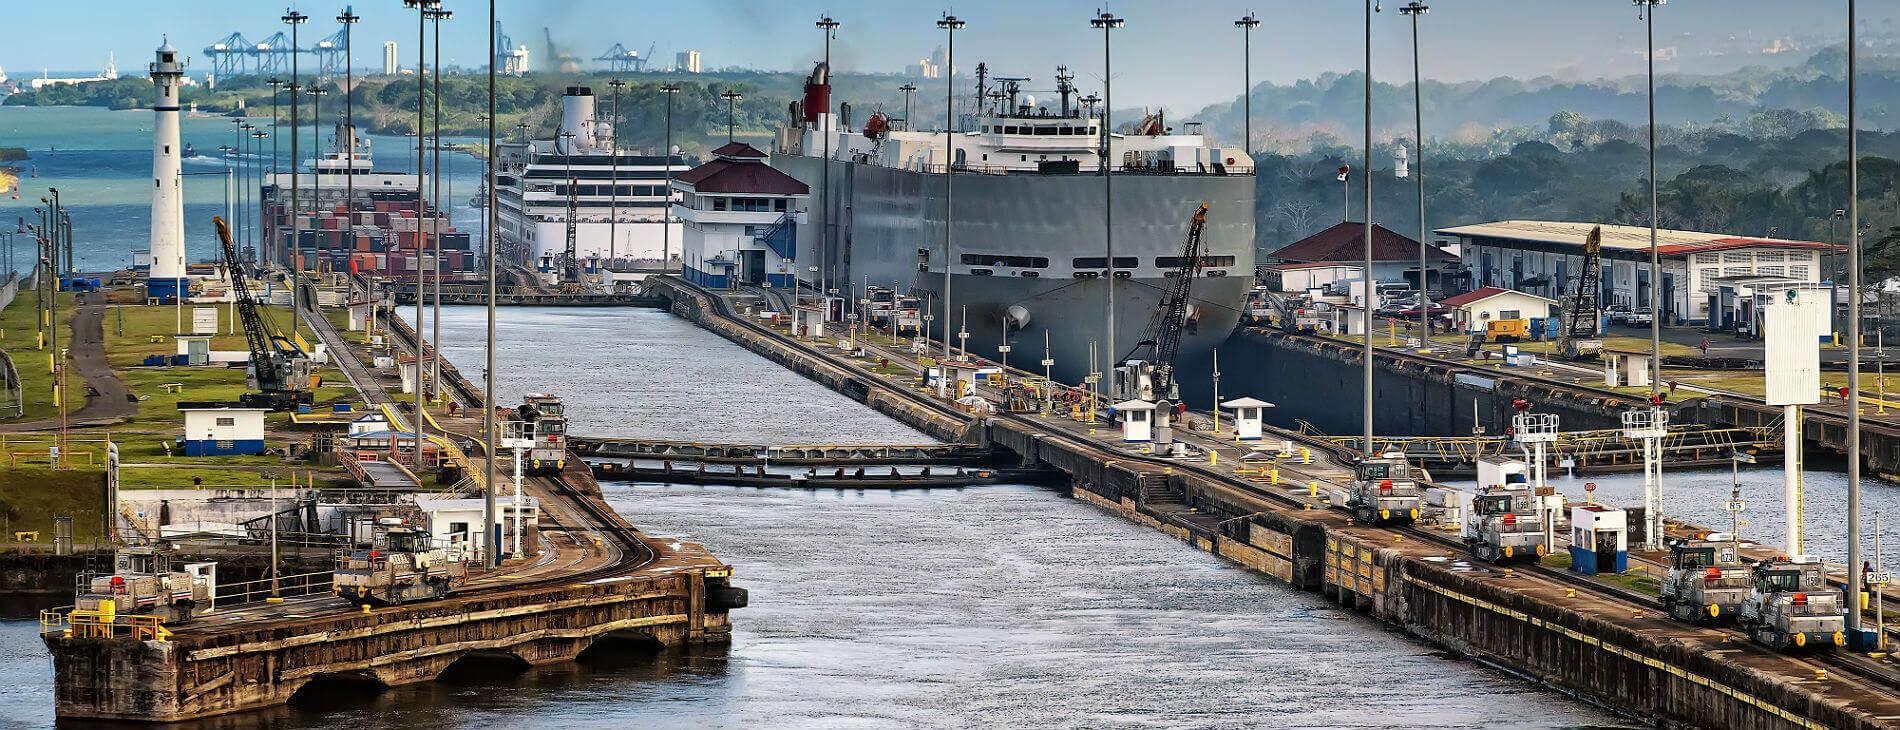 Mastroviaggiatore-Panama-Canal